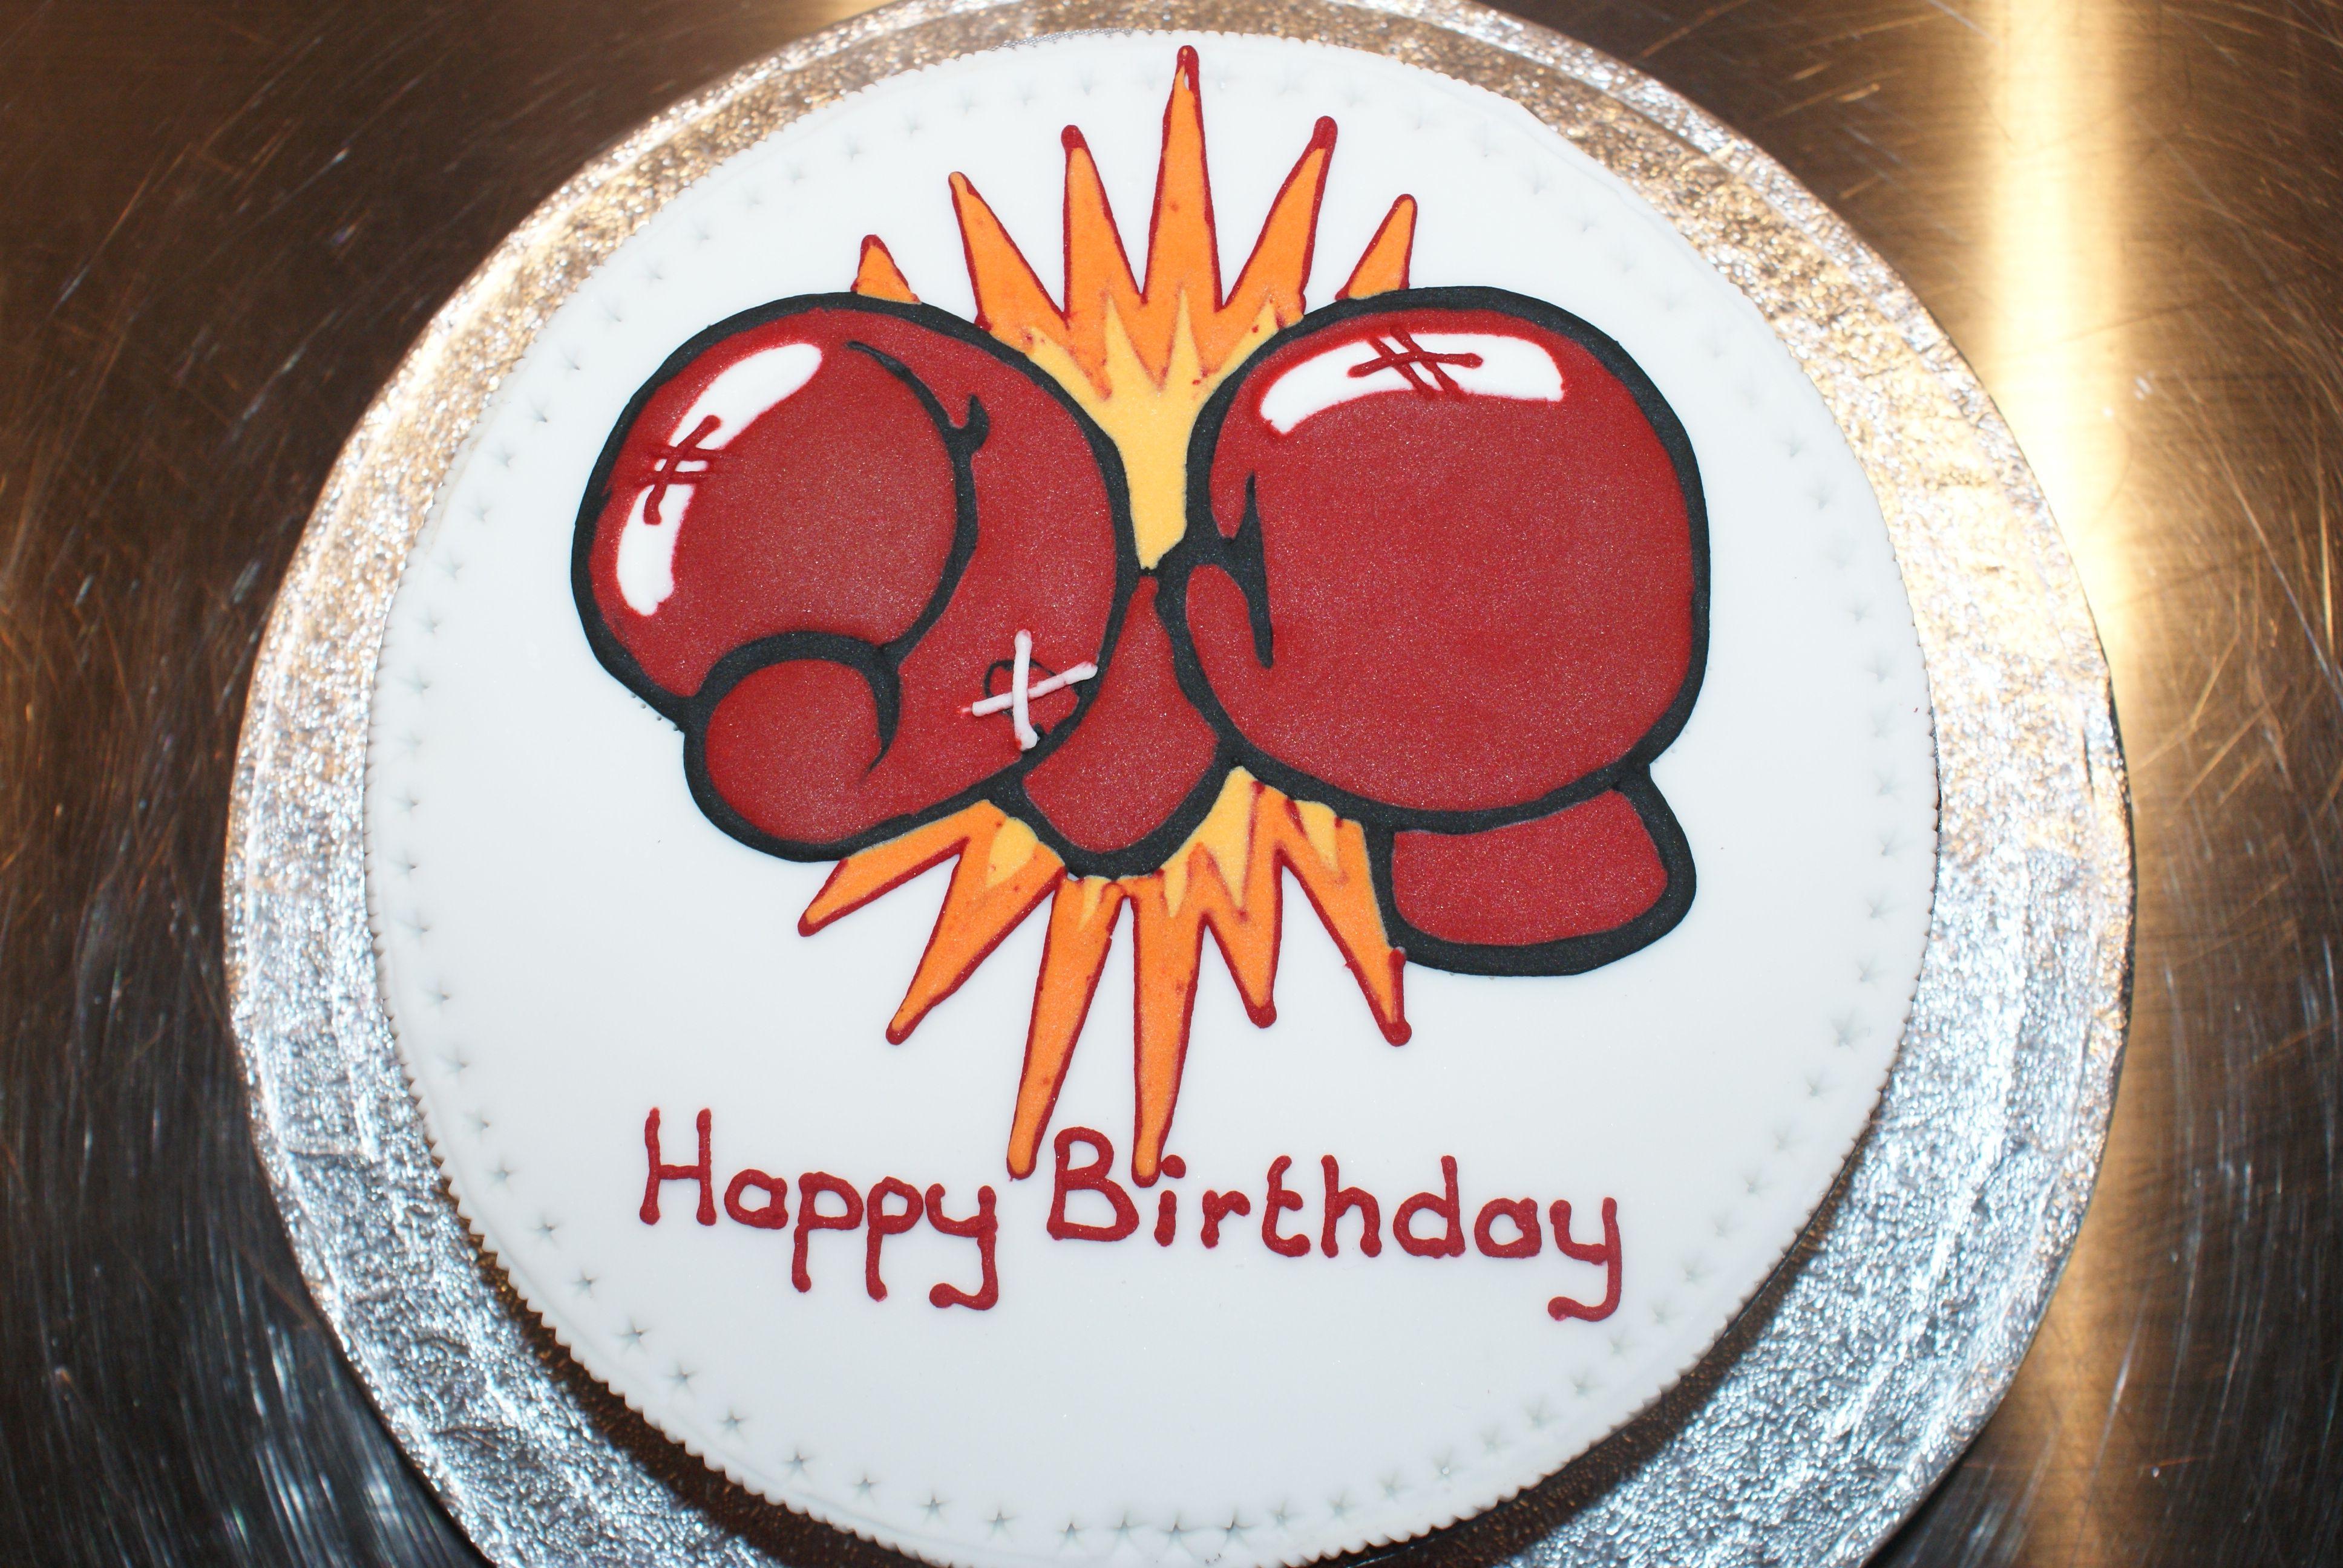 Boxing gloves on a diabetic fruit cake Eats Pinterest Fruit